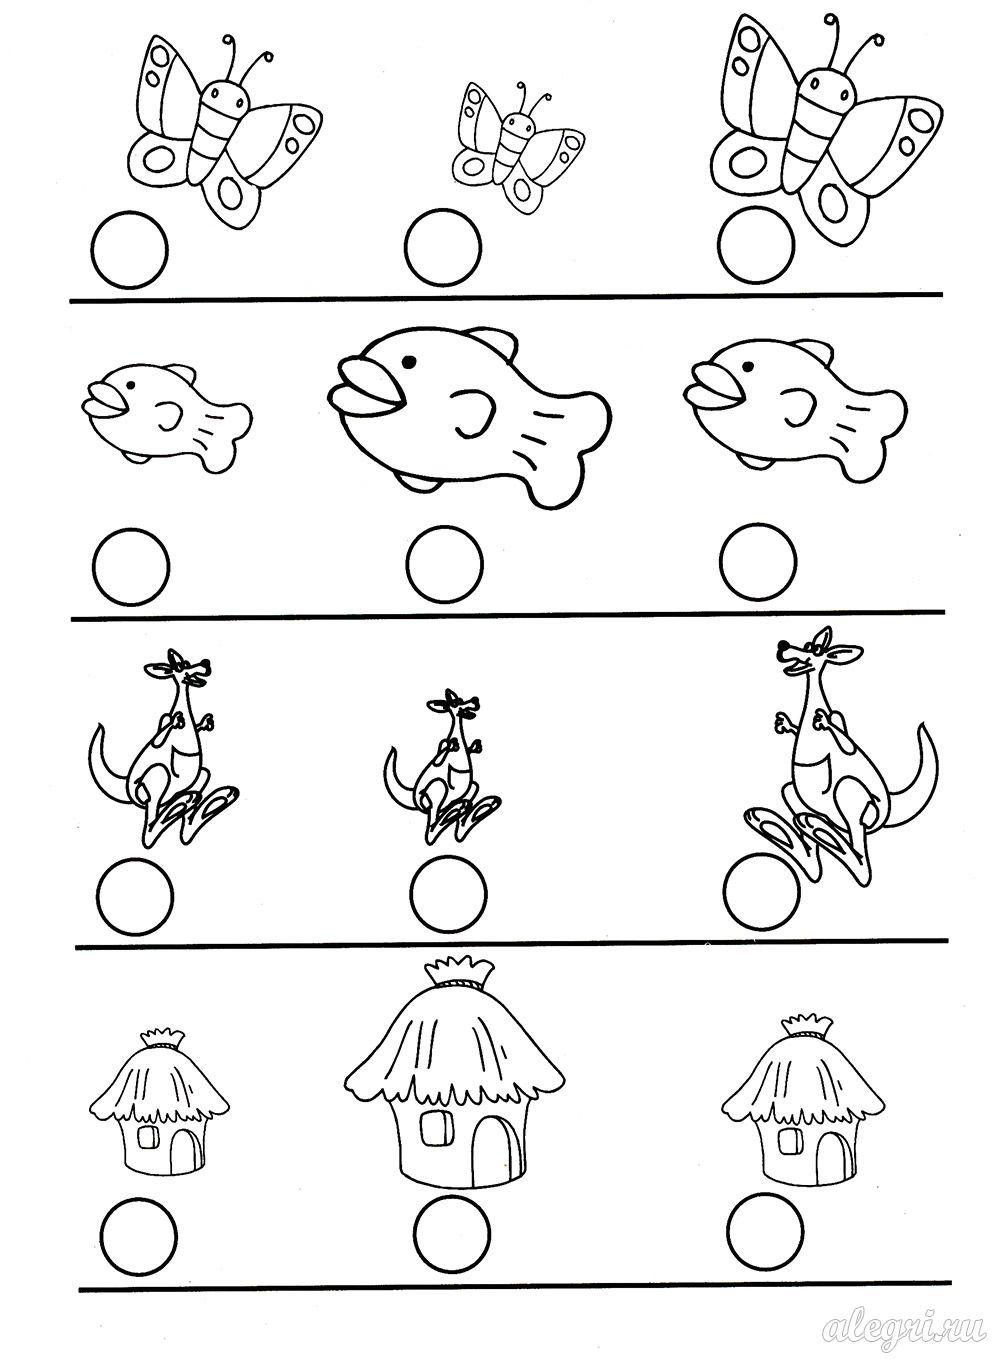 Логические задания в картинках для детей 6 лет 12